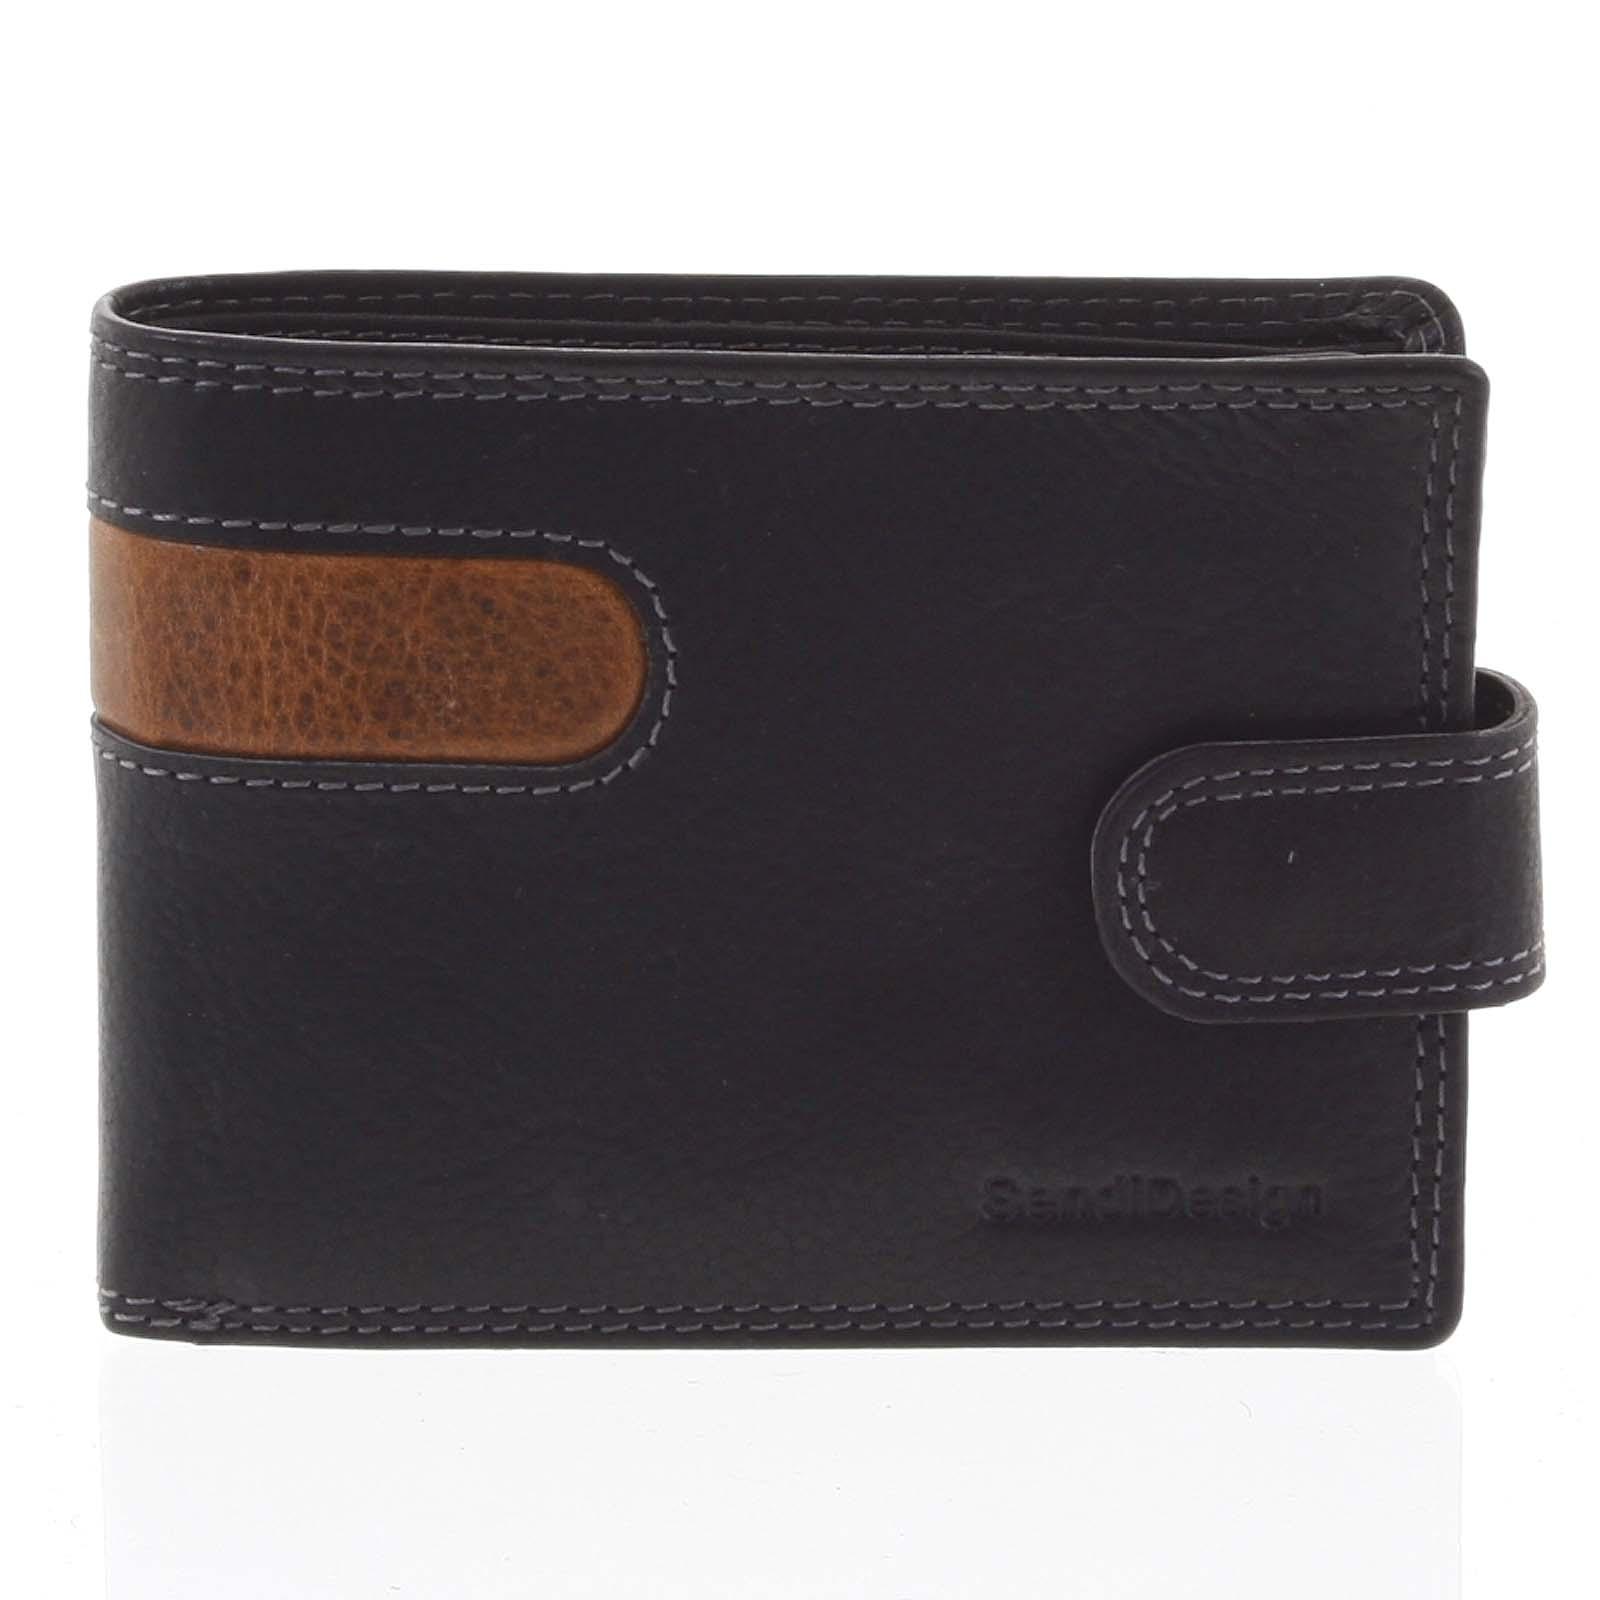 Obľúbená pánska kožená peňaženka čierna - SendiDesign Igeal čierna